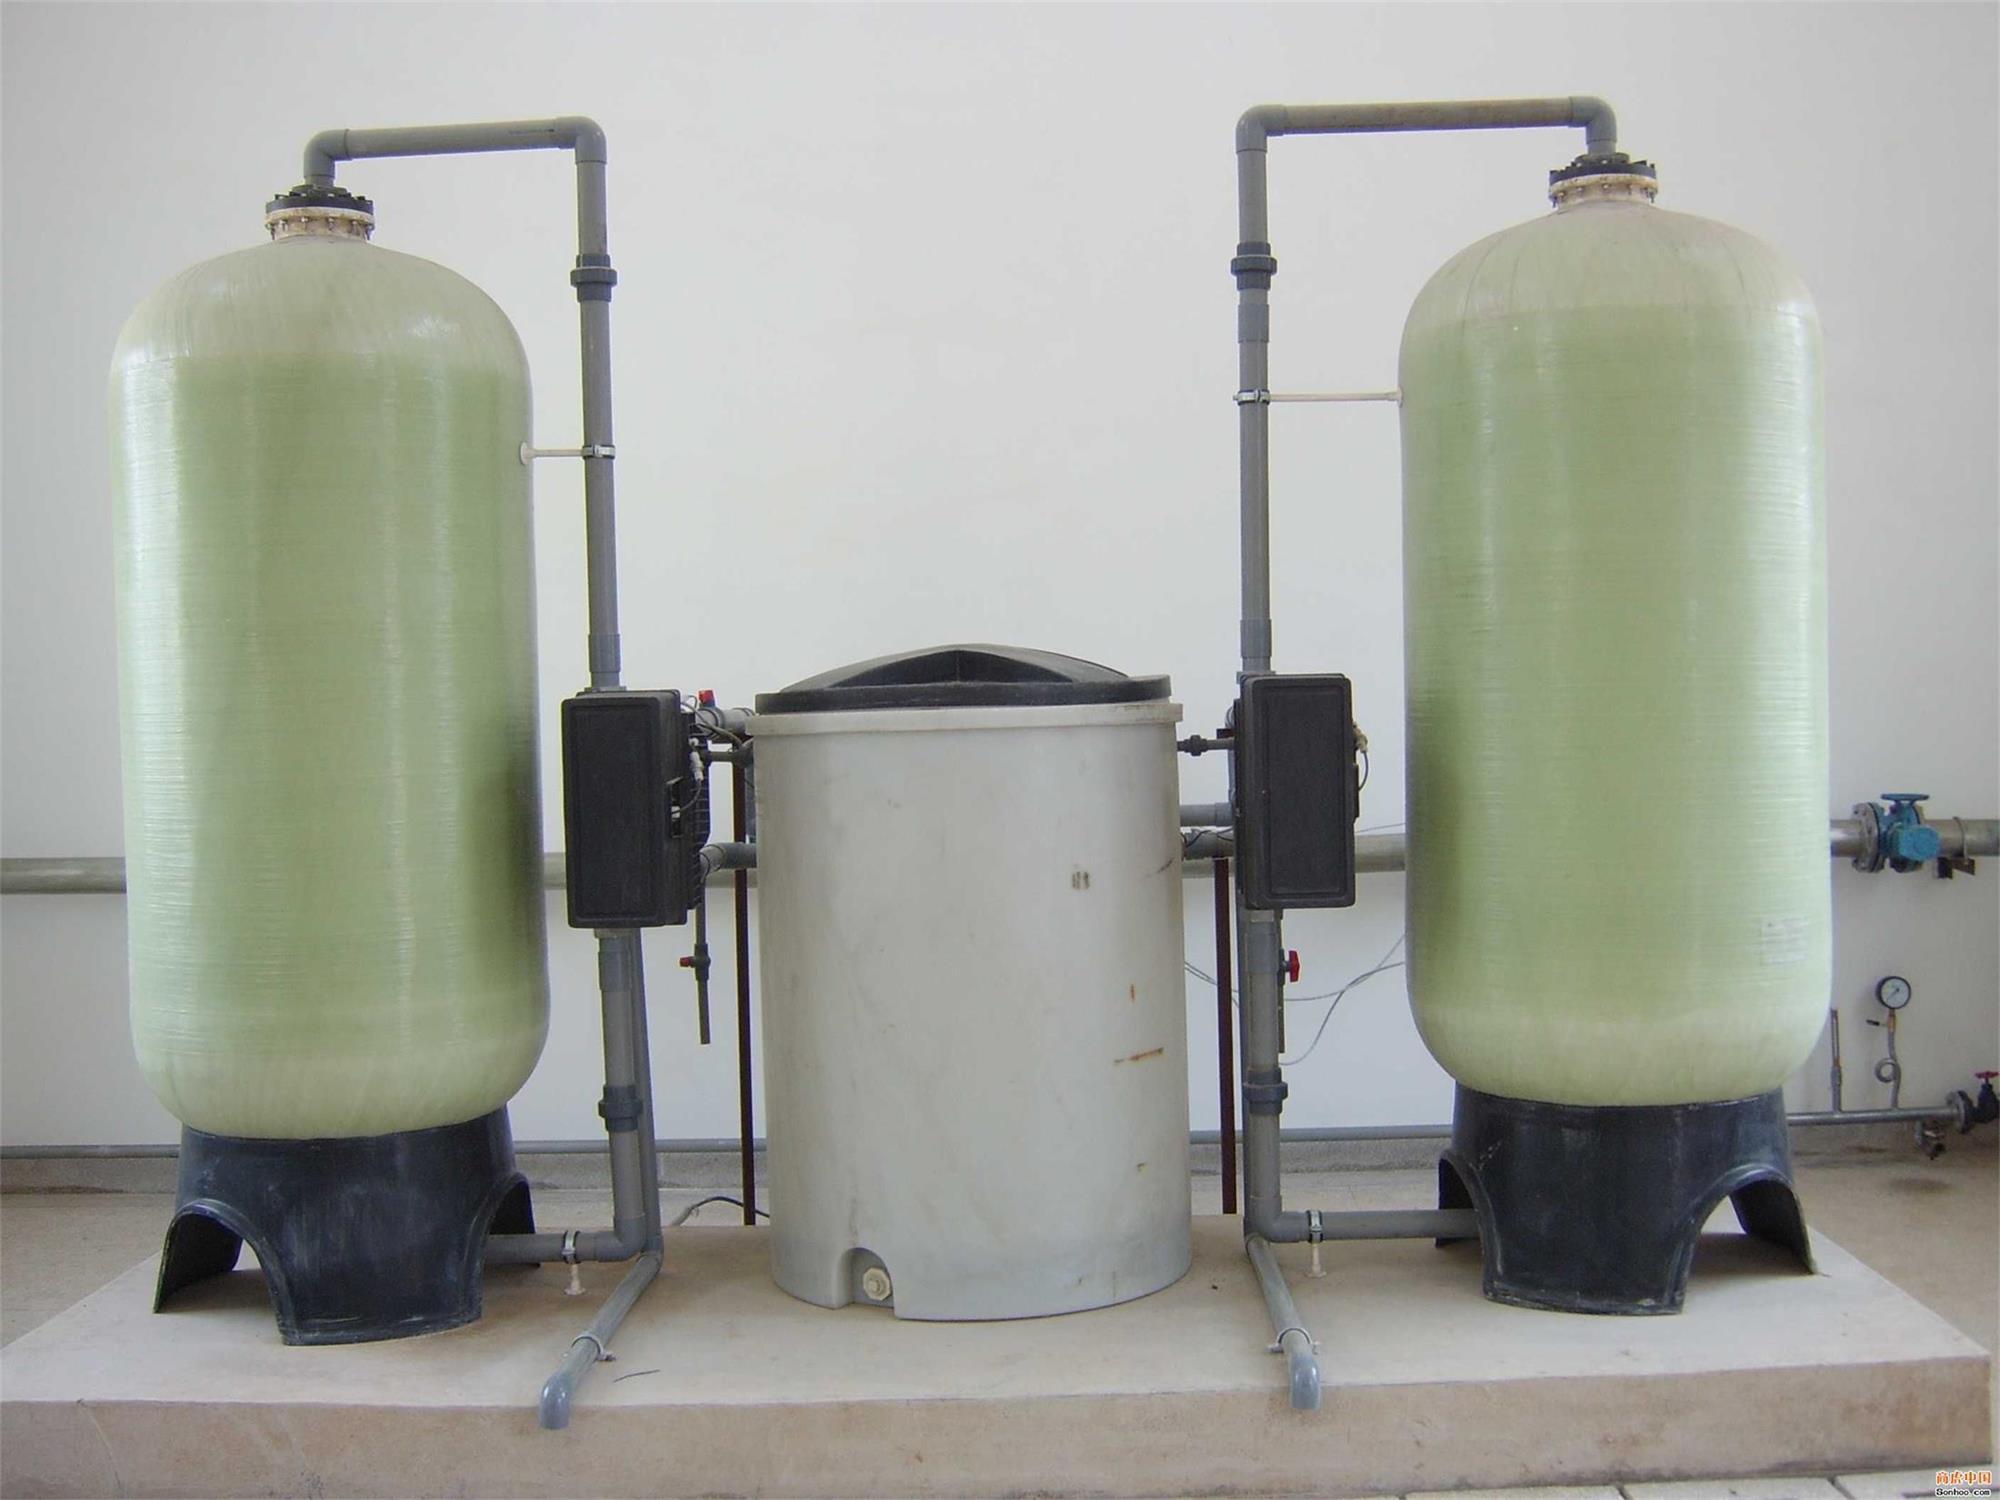 全自動軟化水設備 軟水器定制水處理產品咨詢請聯系免費提供方案